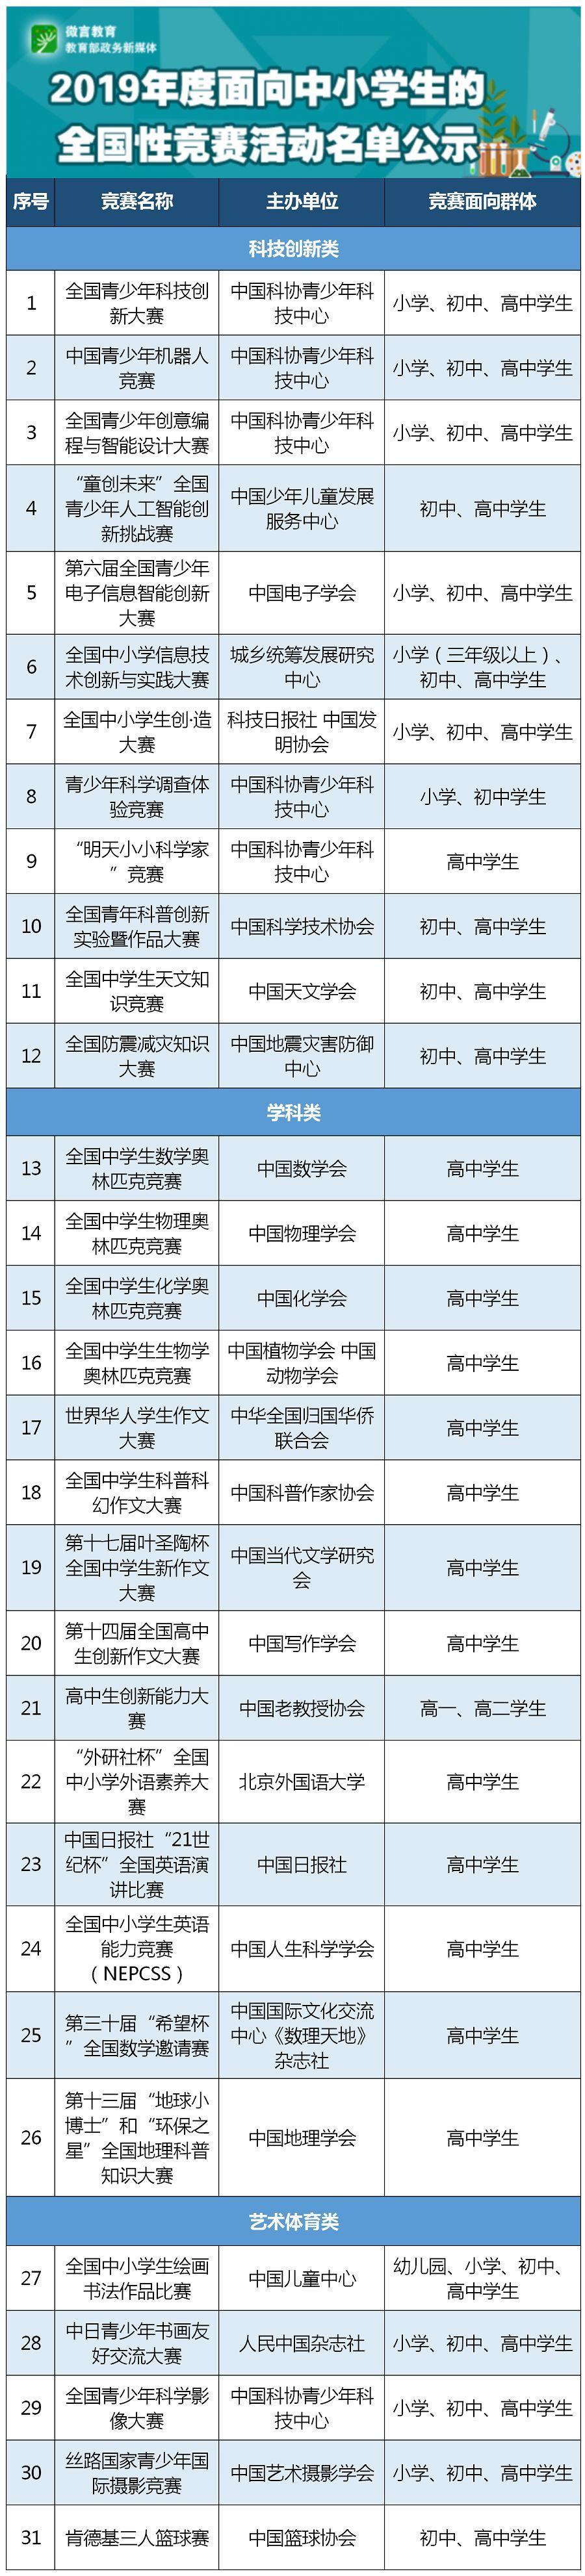 教育部公布2019年度面向中小学生的全国性竞赛活动名单